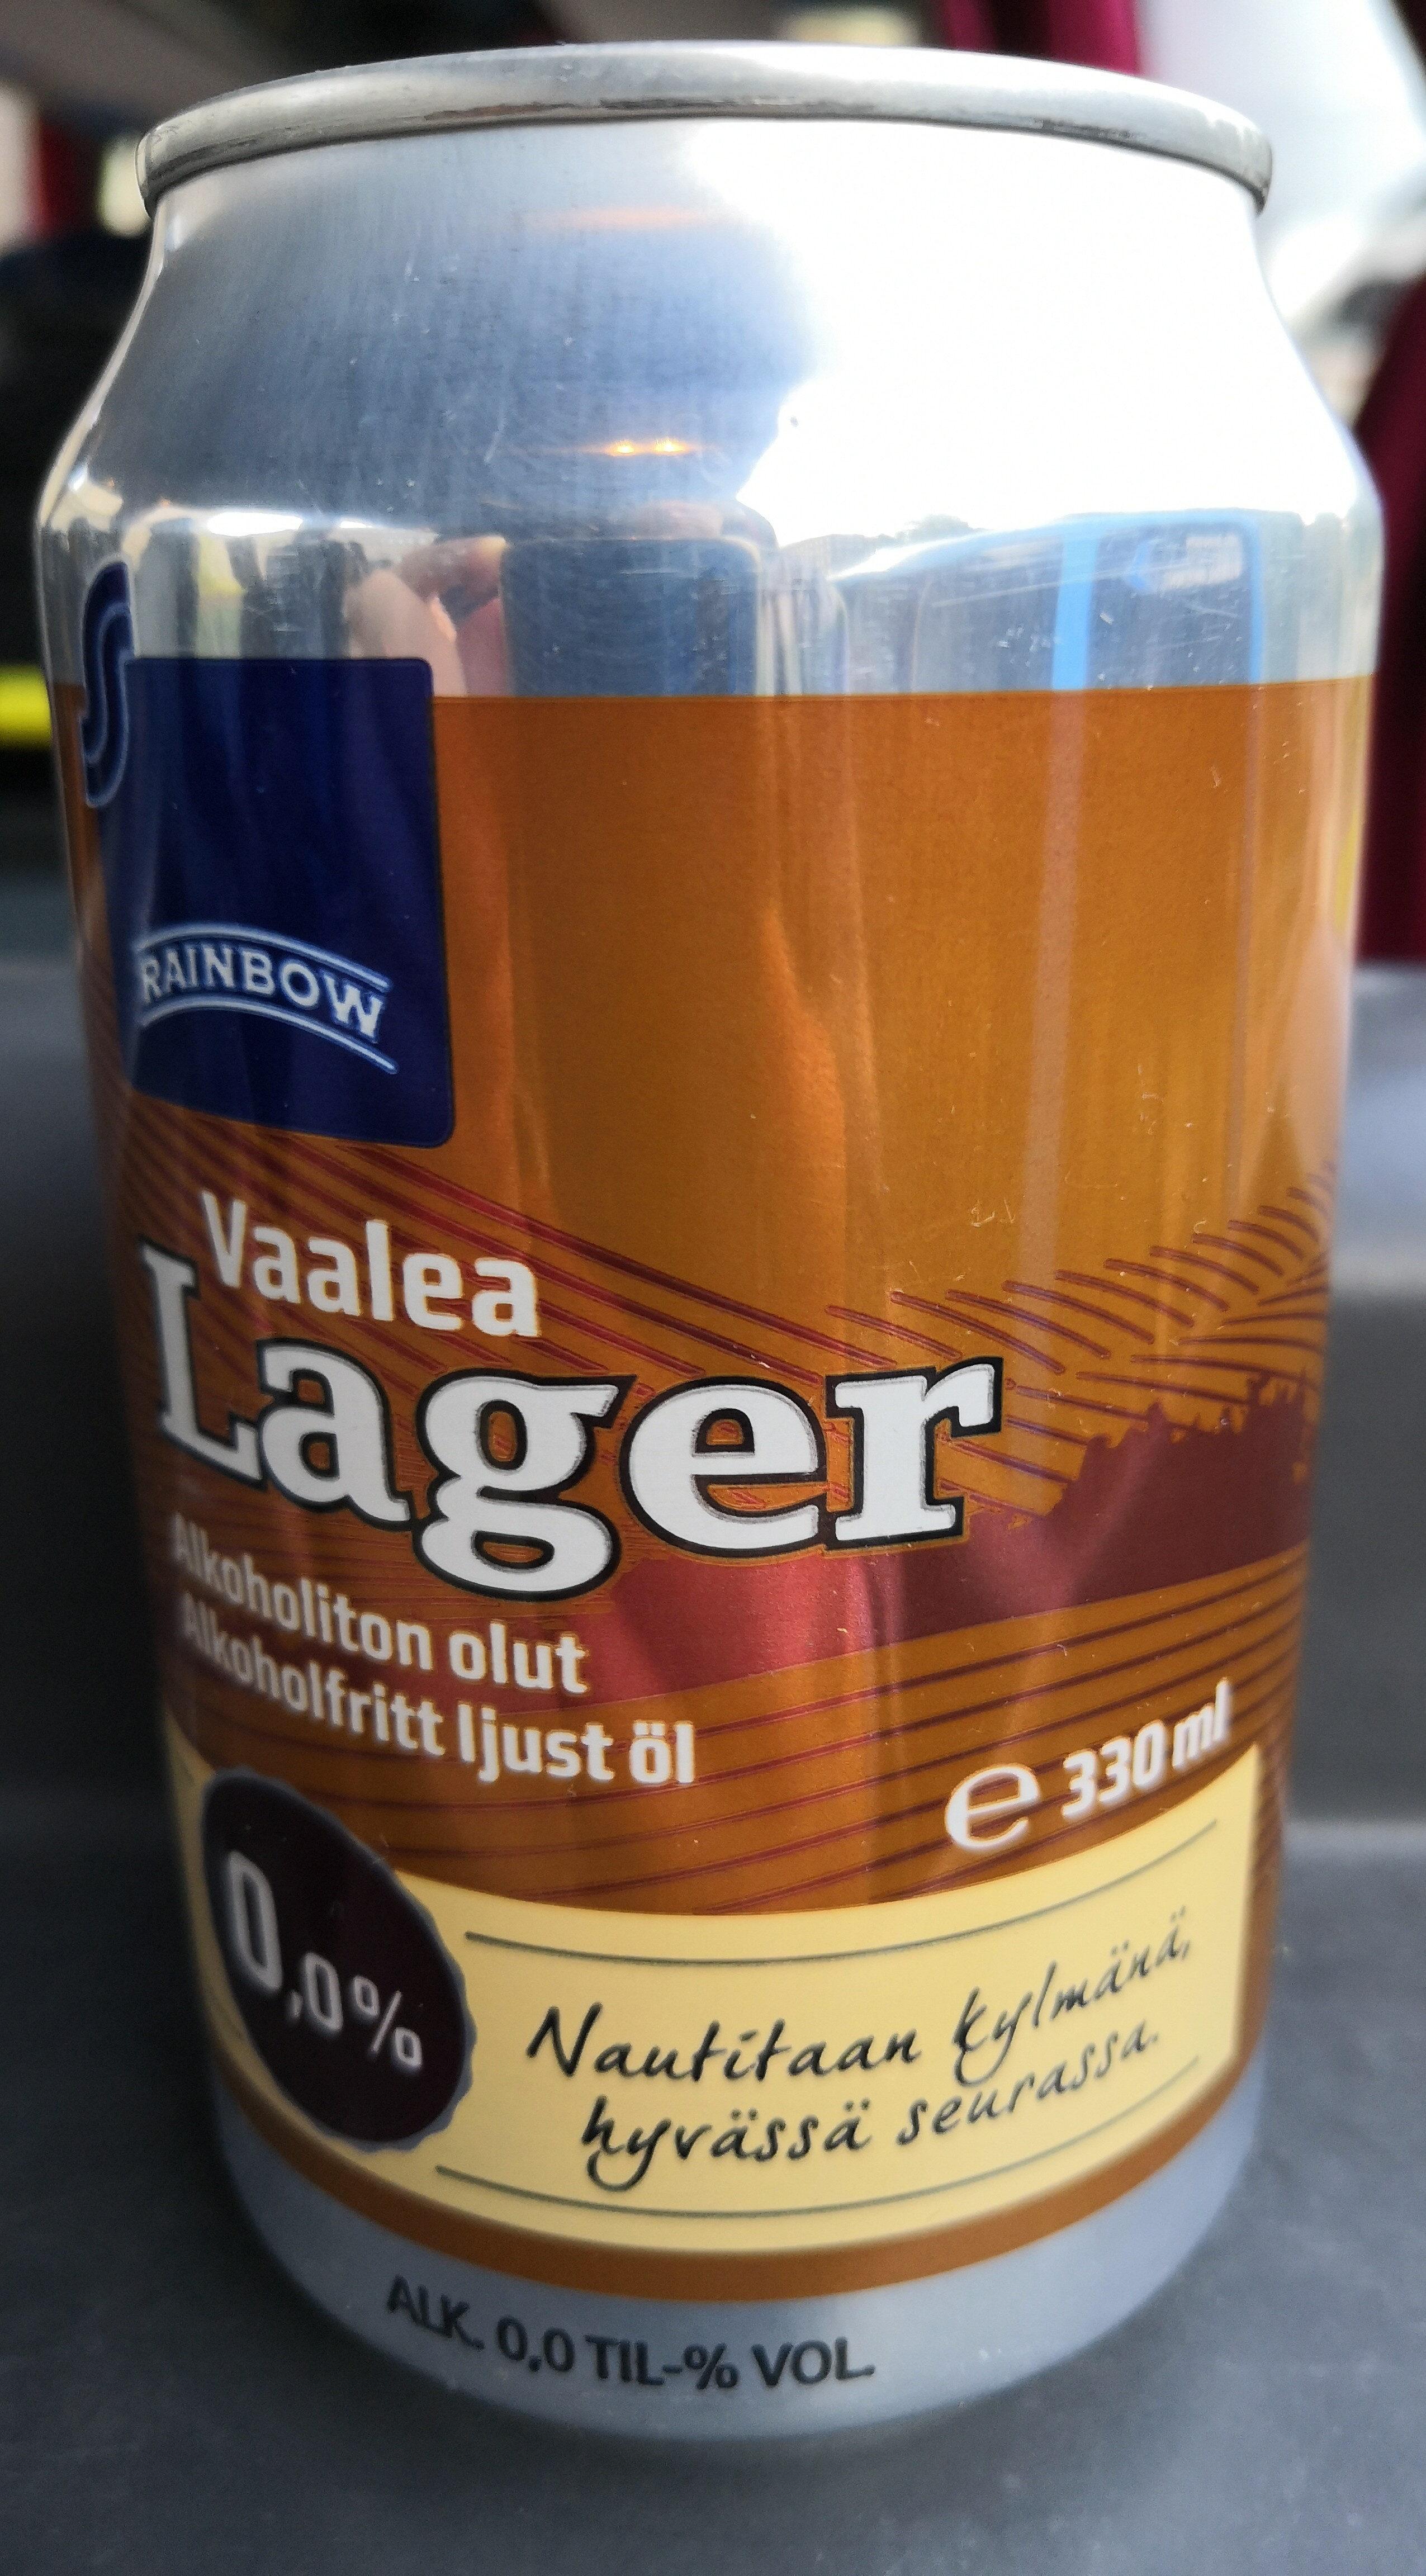 Vaalea lager alkoholiton olut - Product